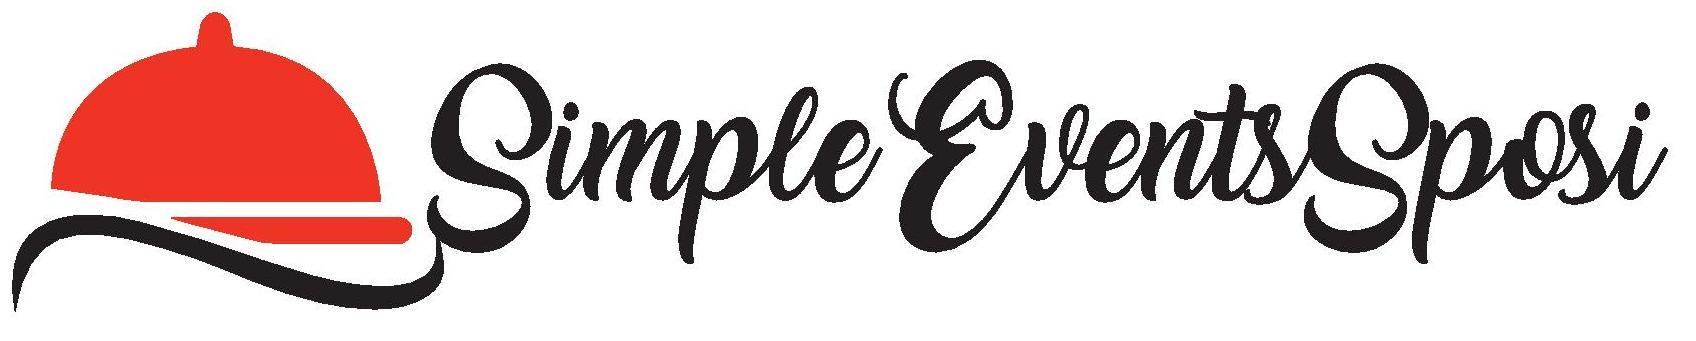 Simple Events Sposi II edizione